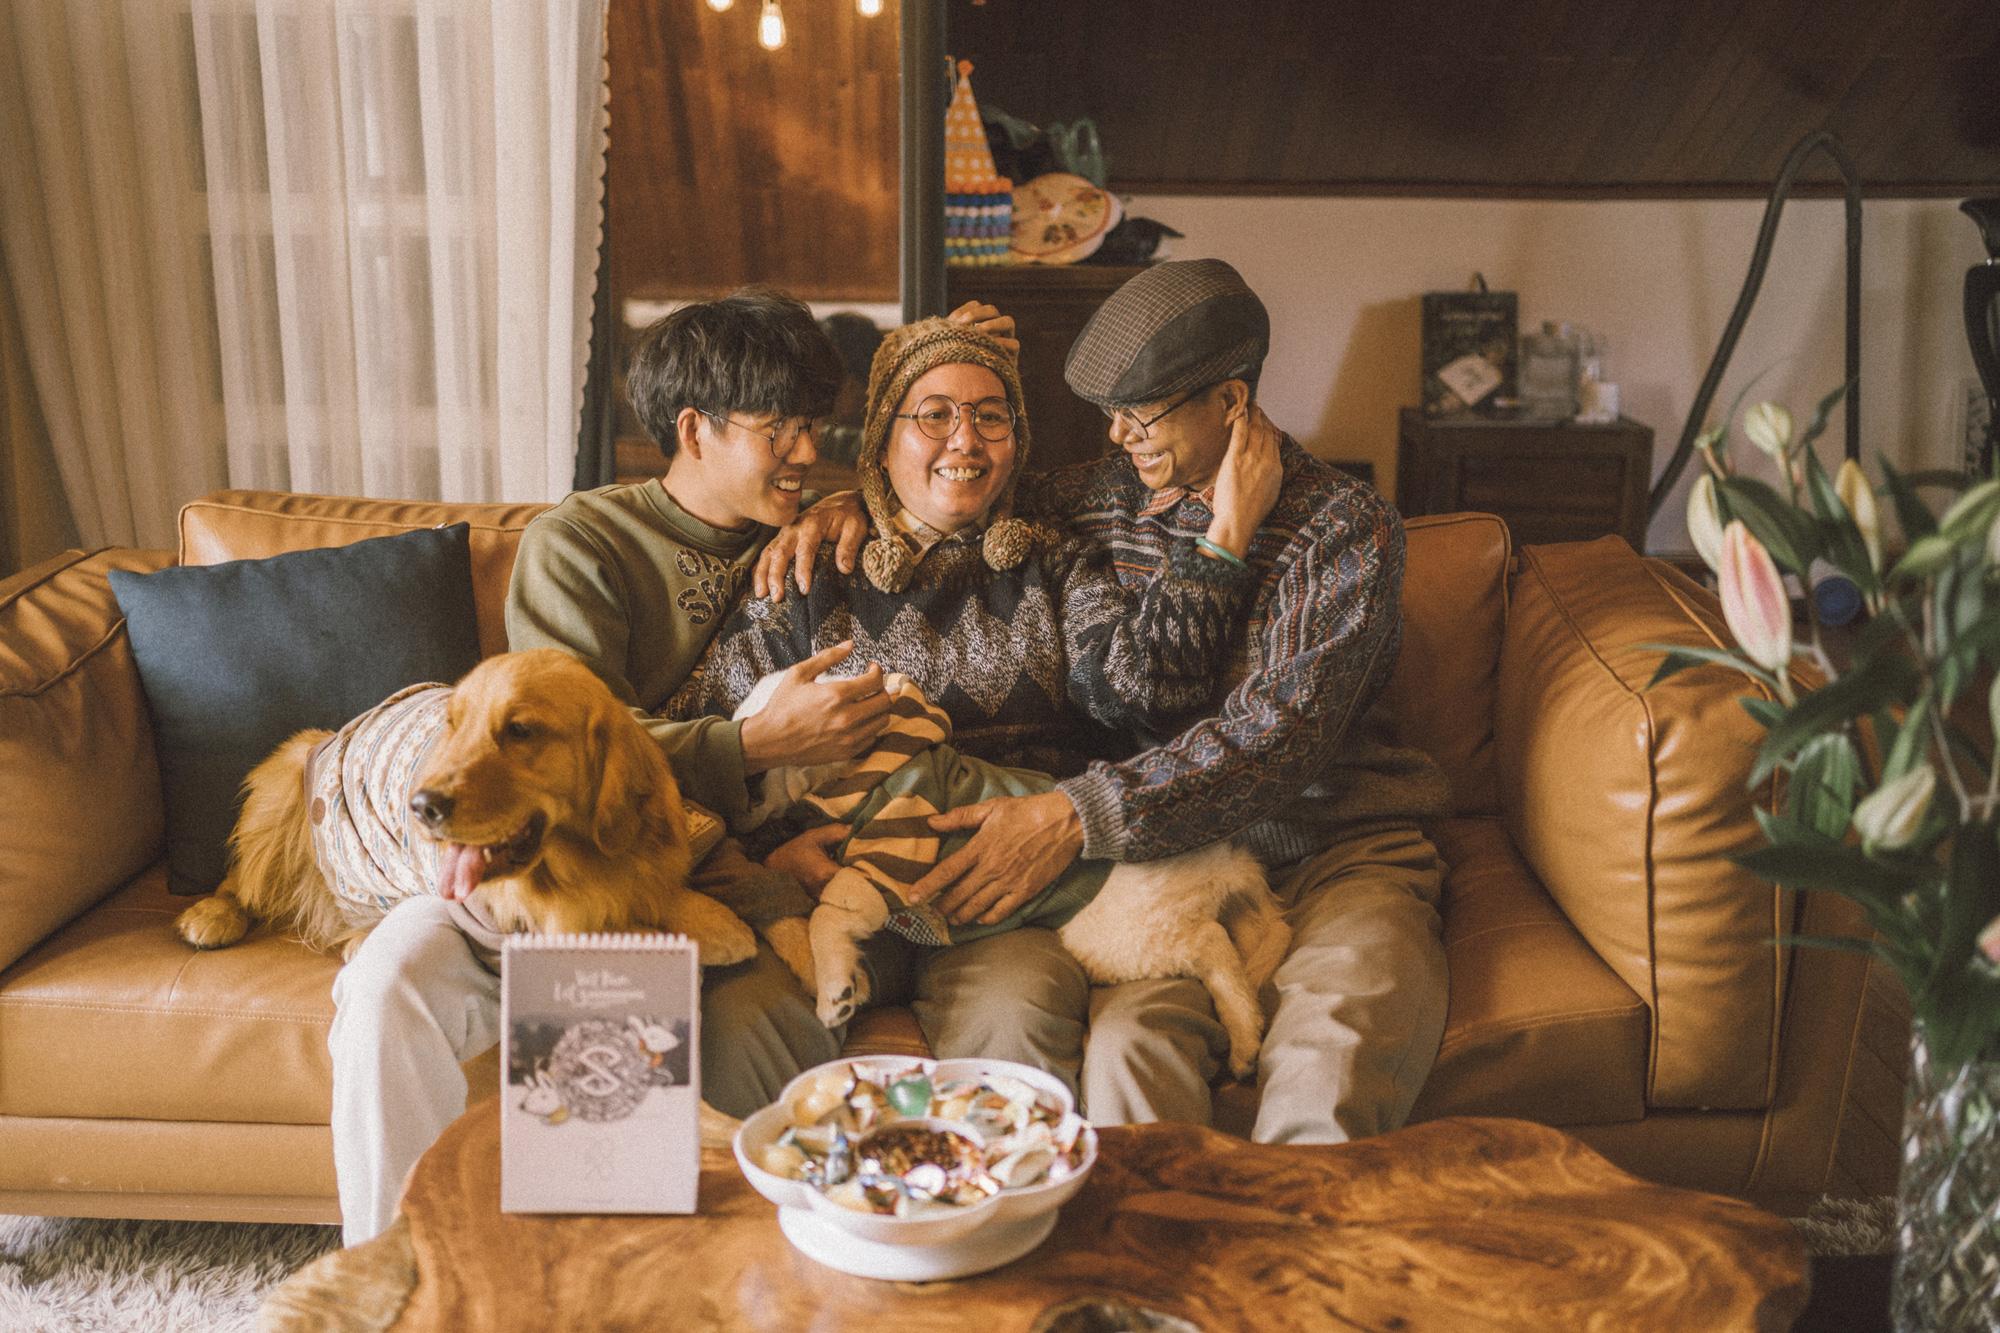 Du lịch cùng nhau, đâu cũng là nhà: Bộ ảnh du xuân Đà Lạt của cặp đôi 25 năm gắn bó cánh đồng đáng yêu đến lạ! - Ảnh 5.